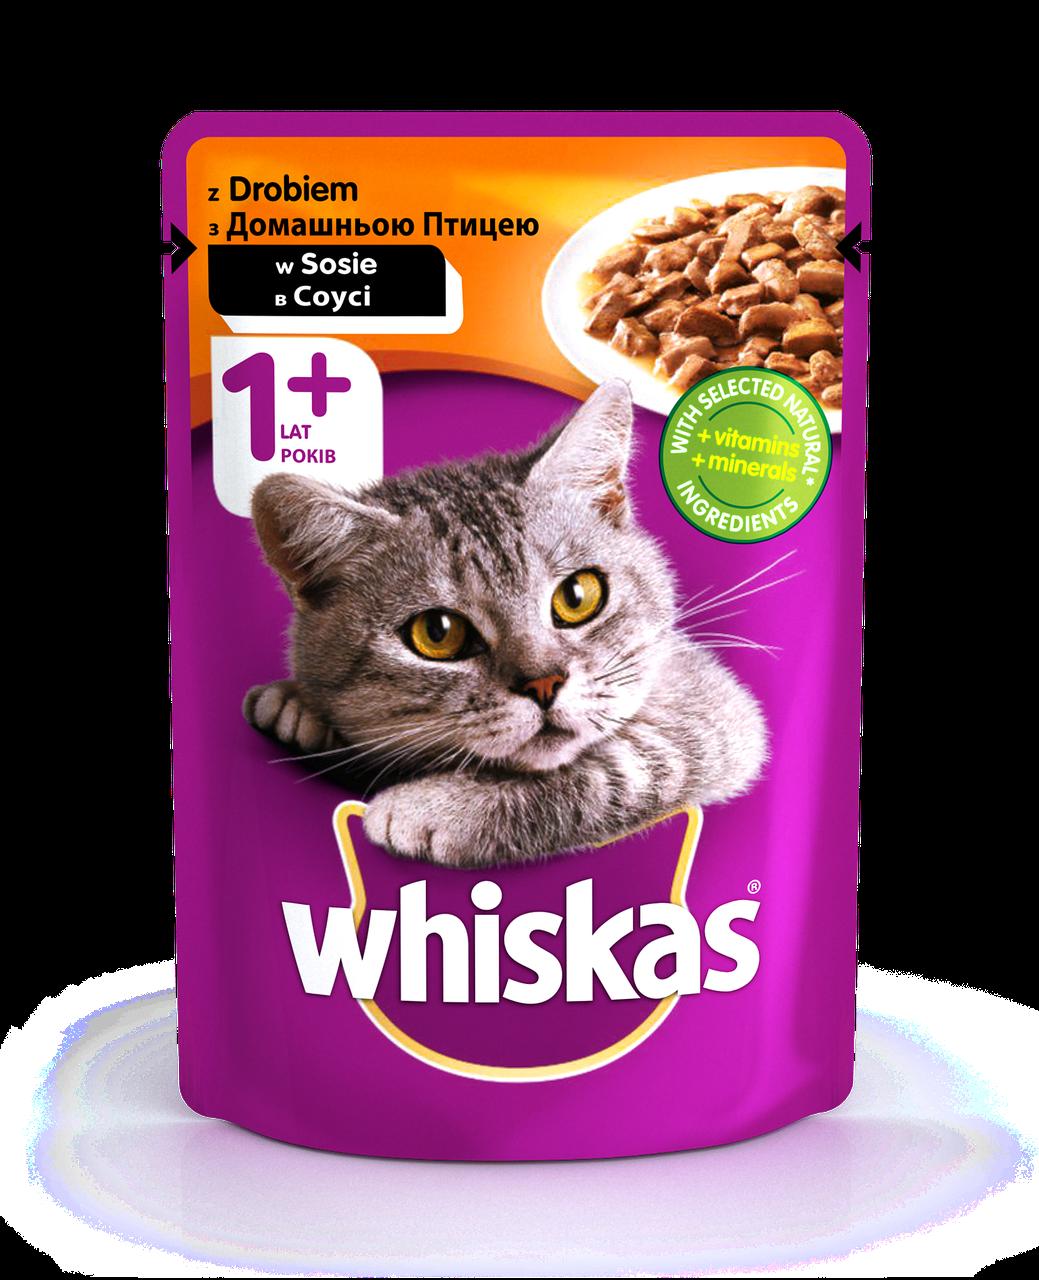 Вологий консервований корм з Домашньою птицею в соусі для дорослих кішок 100 г Whiskas Віскас